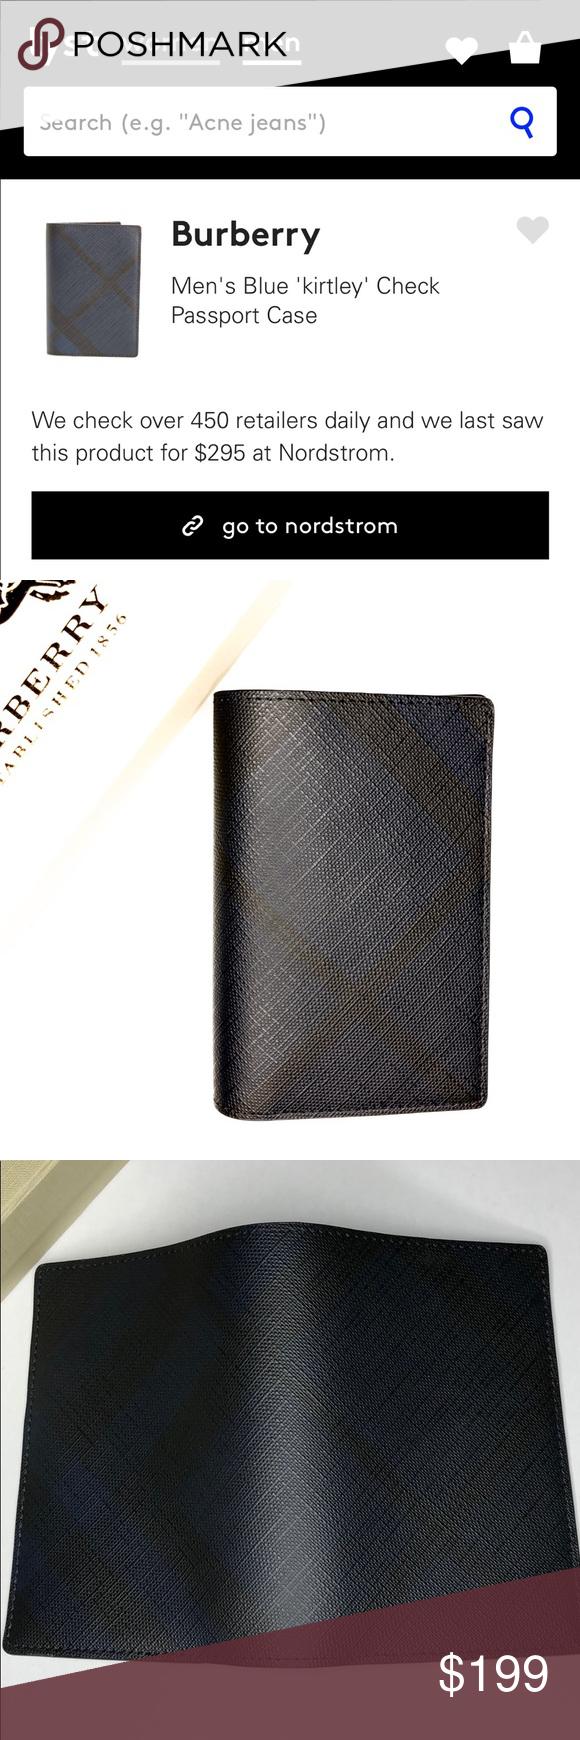 D Burberry Kirtley Check Passport Holder Wallet Passport Holder